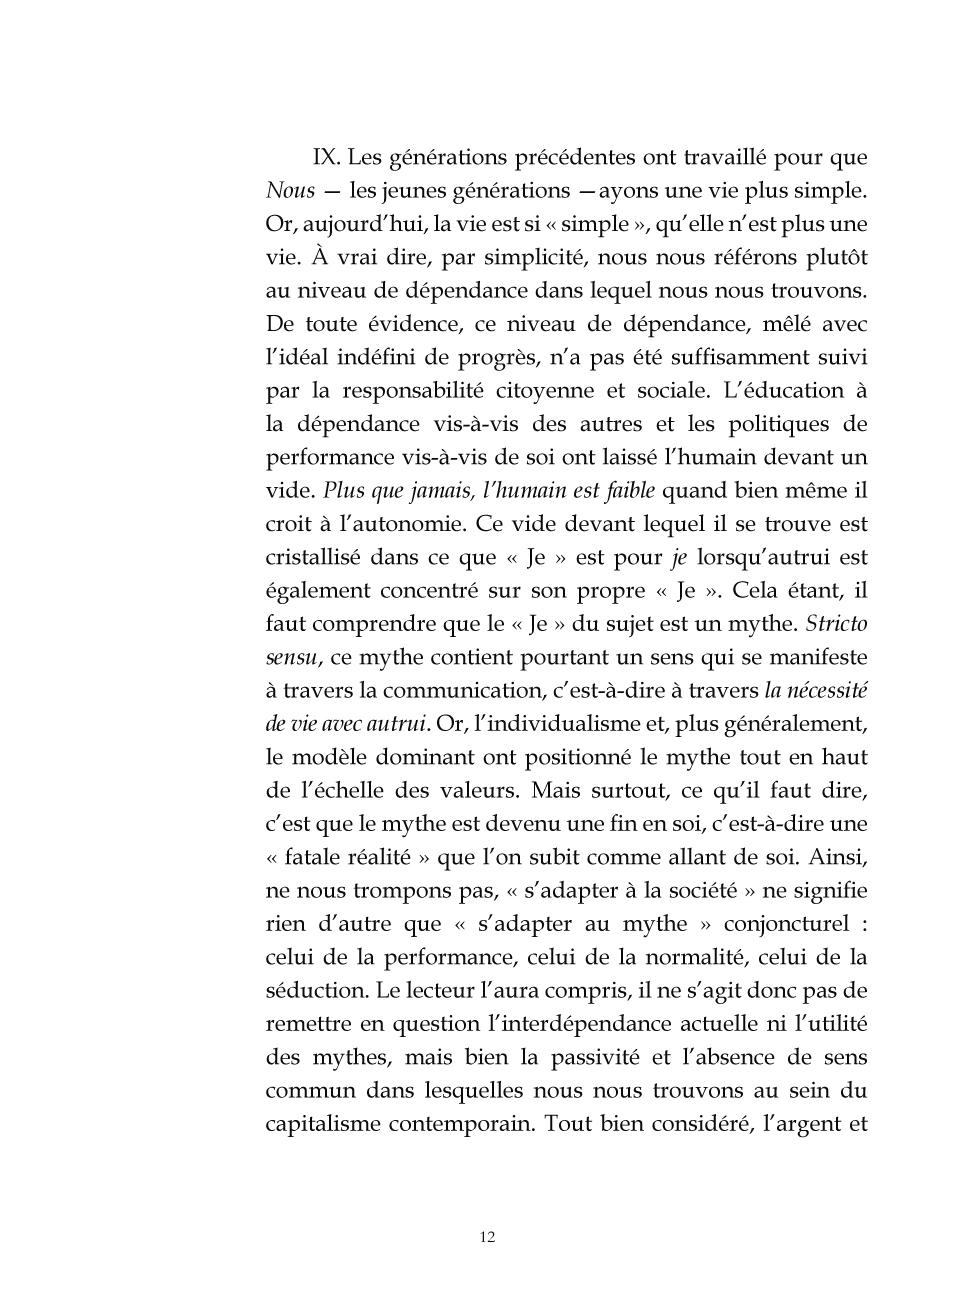 narcissisme-critique - page 12